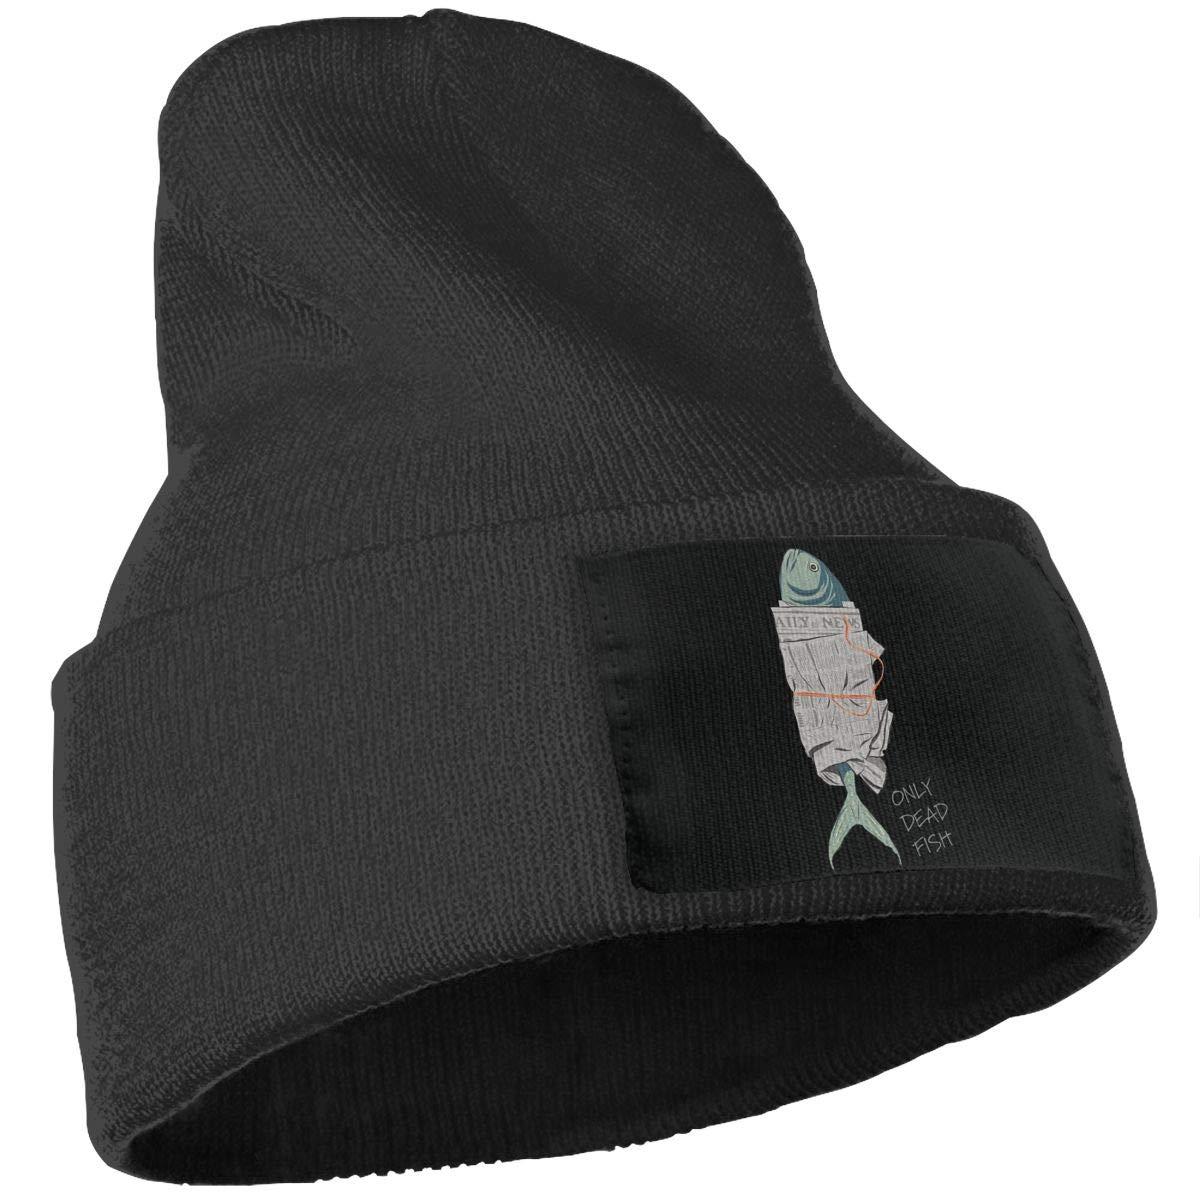 SLADDD1 Only Dead Fish Warm Winter Hat Knit Beanie Skull Cap Cuff Beanie Hat Winter Hats for Men /& Women